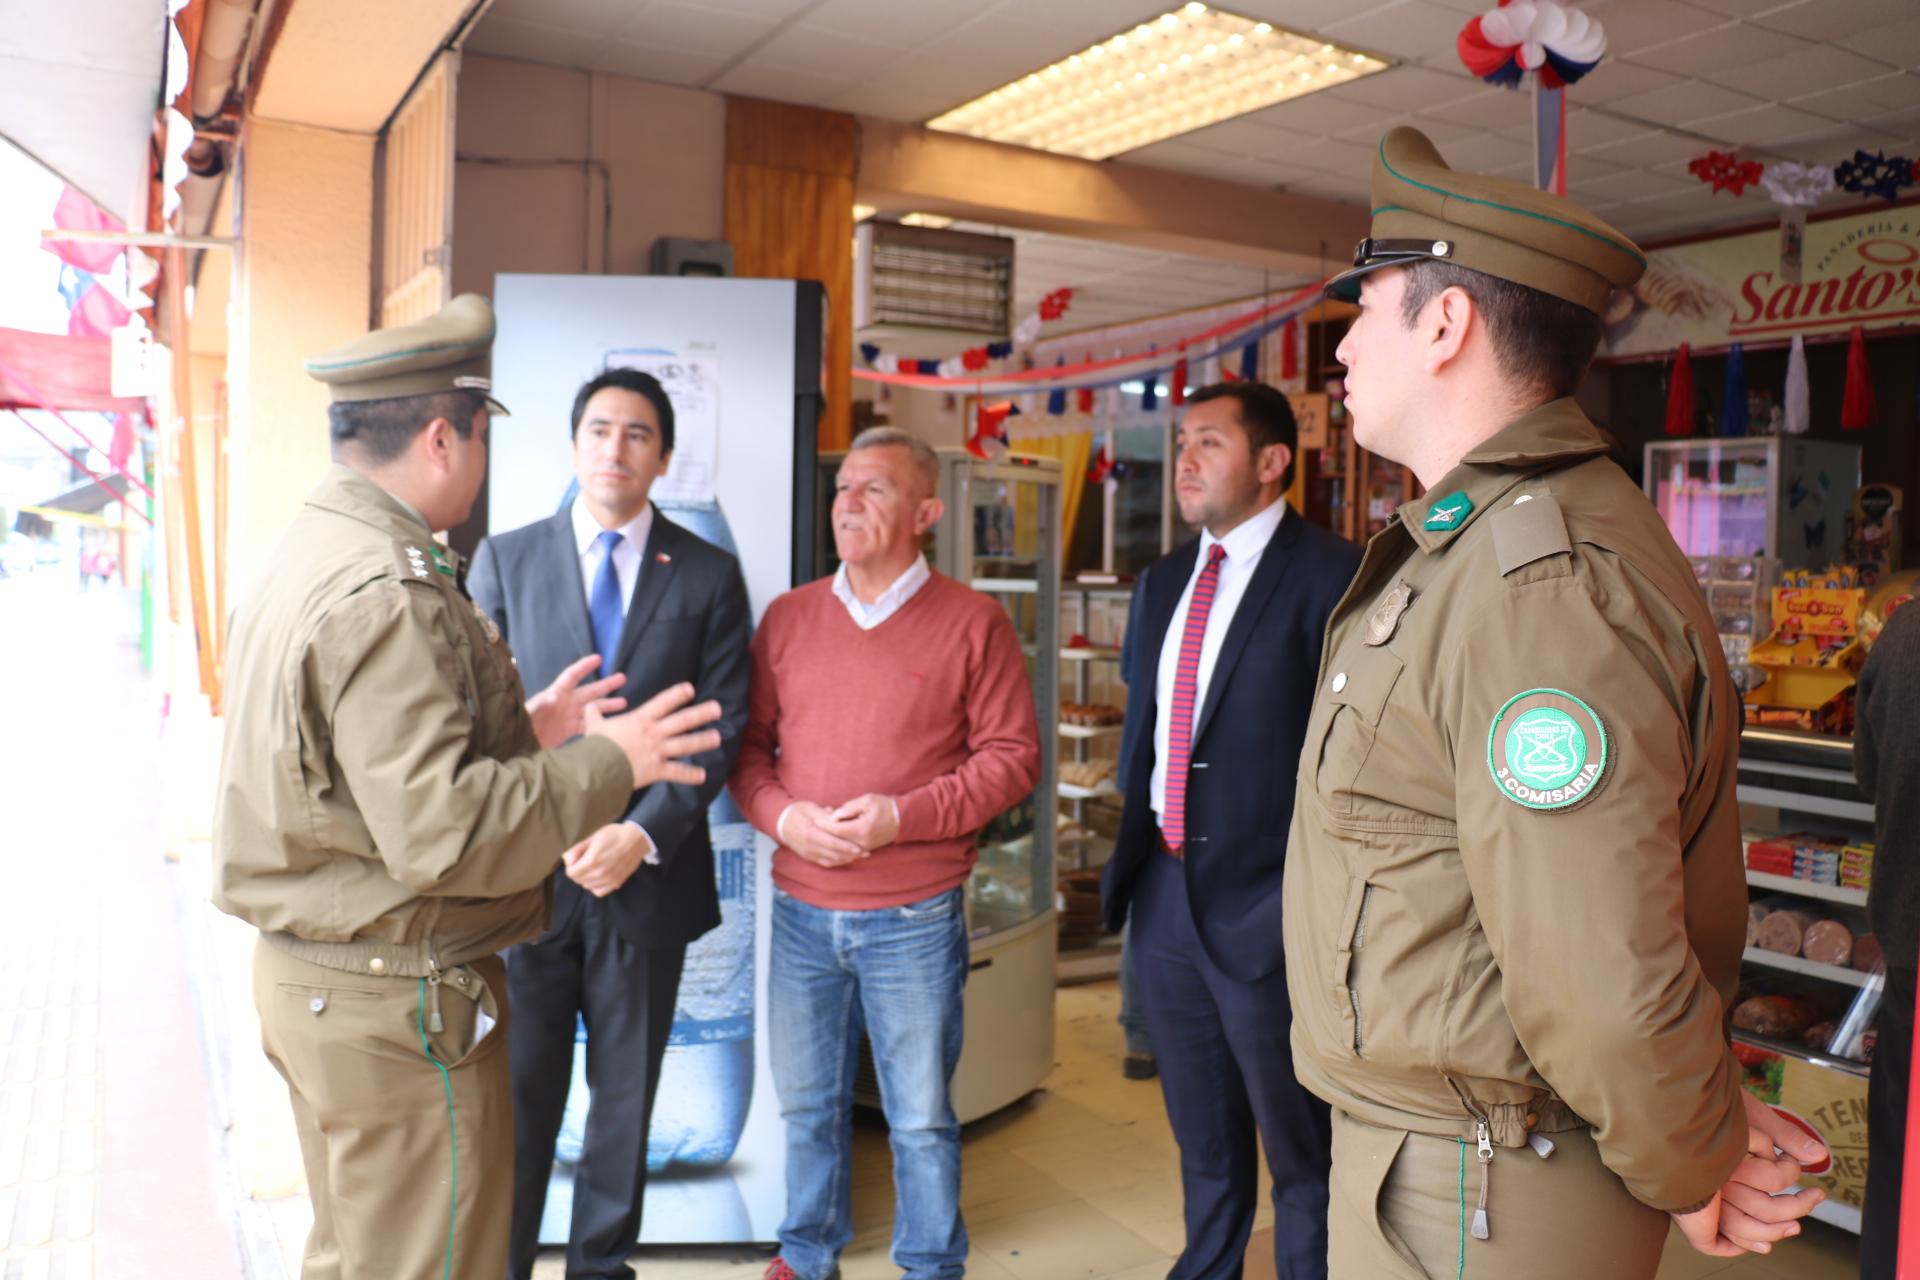 Gobierno coordina acciones con carabineros para servicios policiales en el comercio de Vallenar